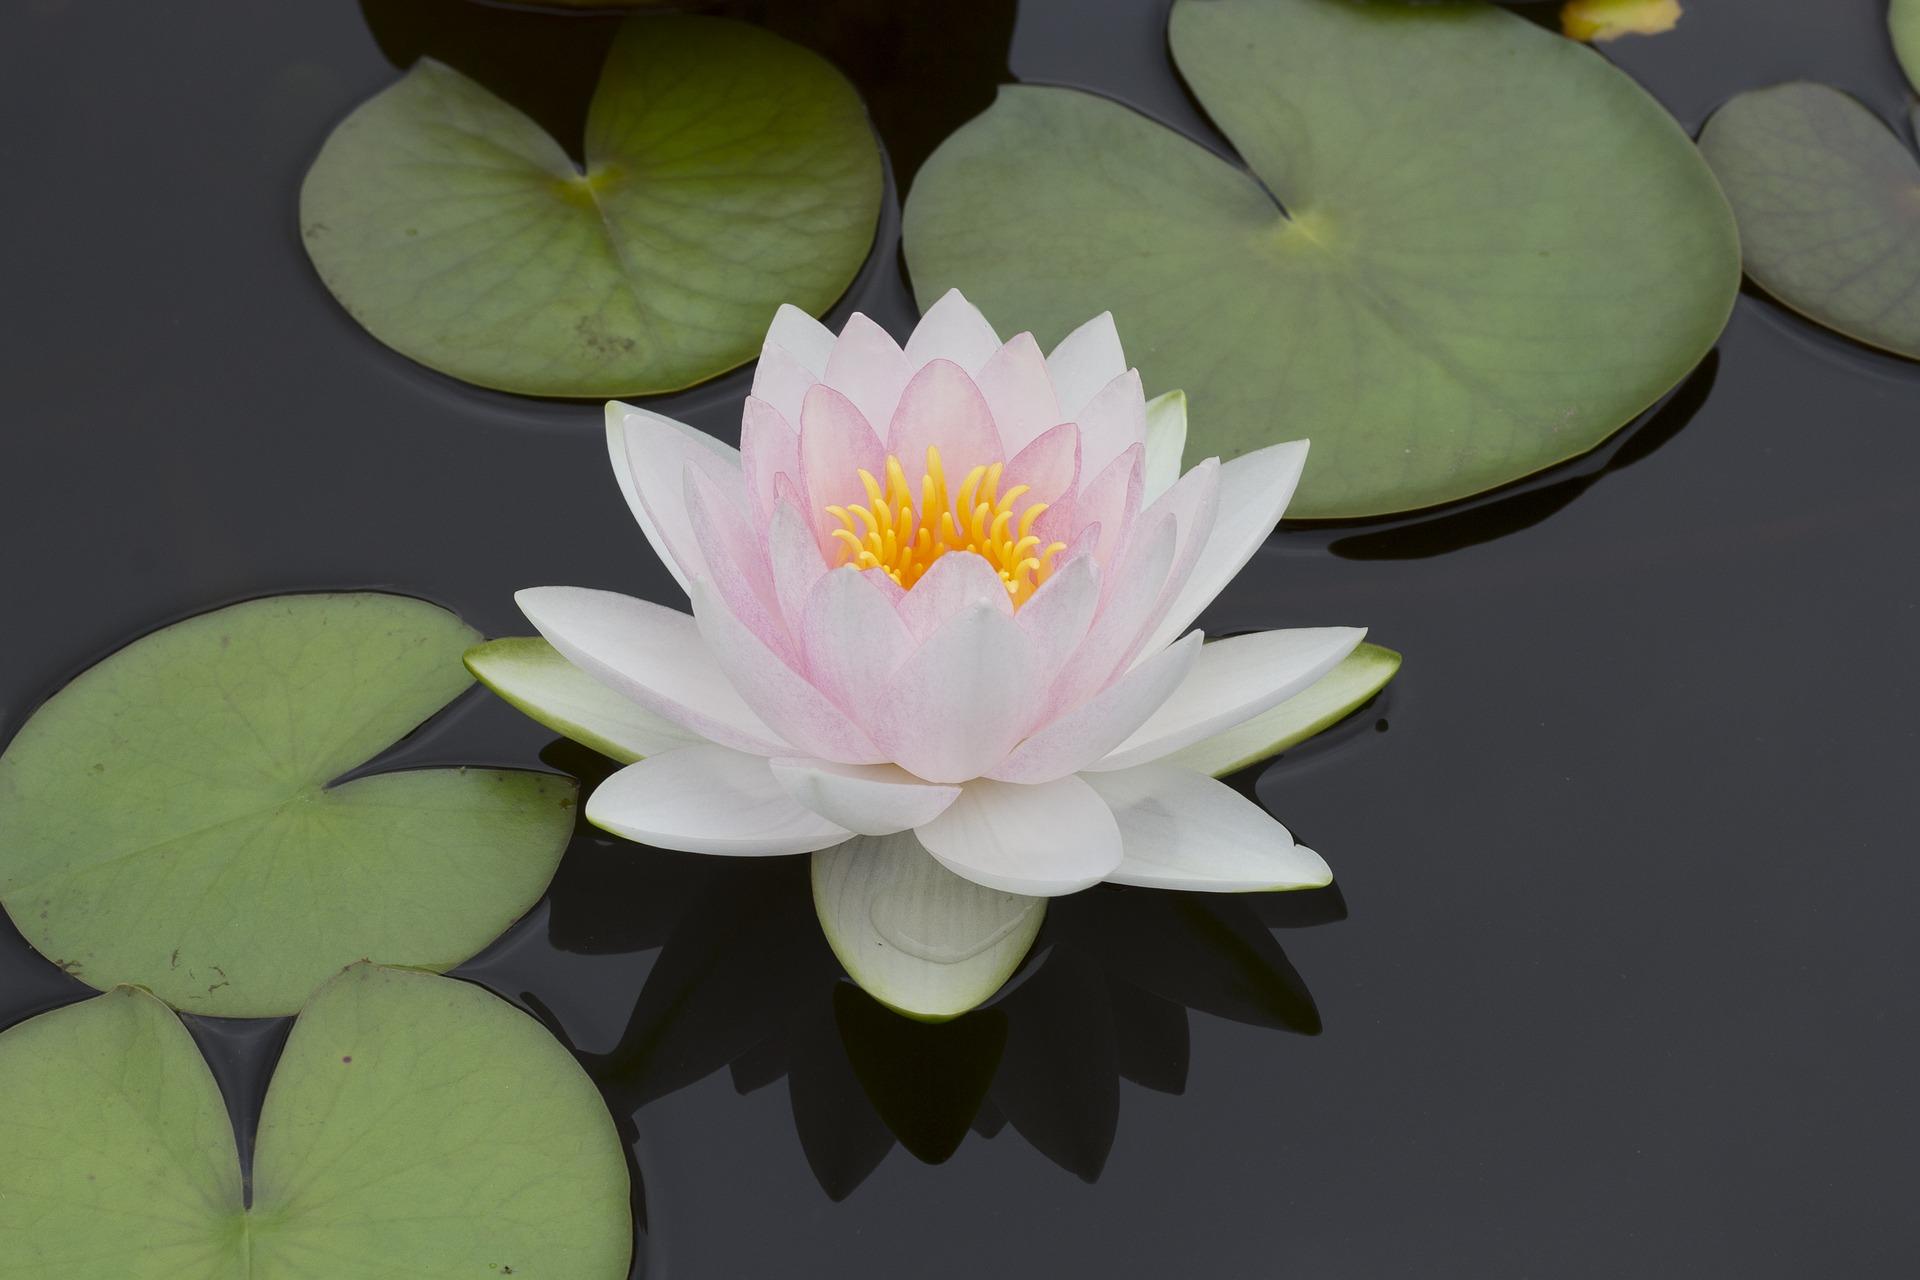 flower-1682921_1920.jpg